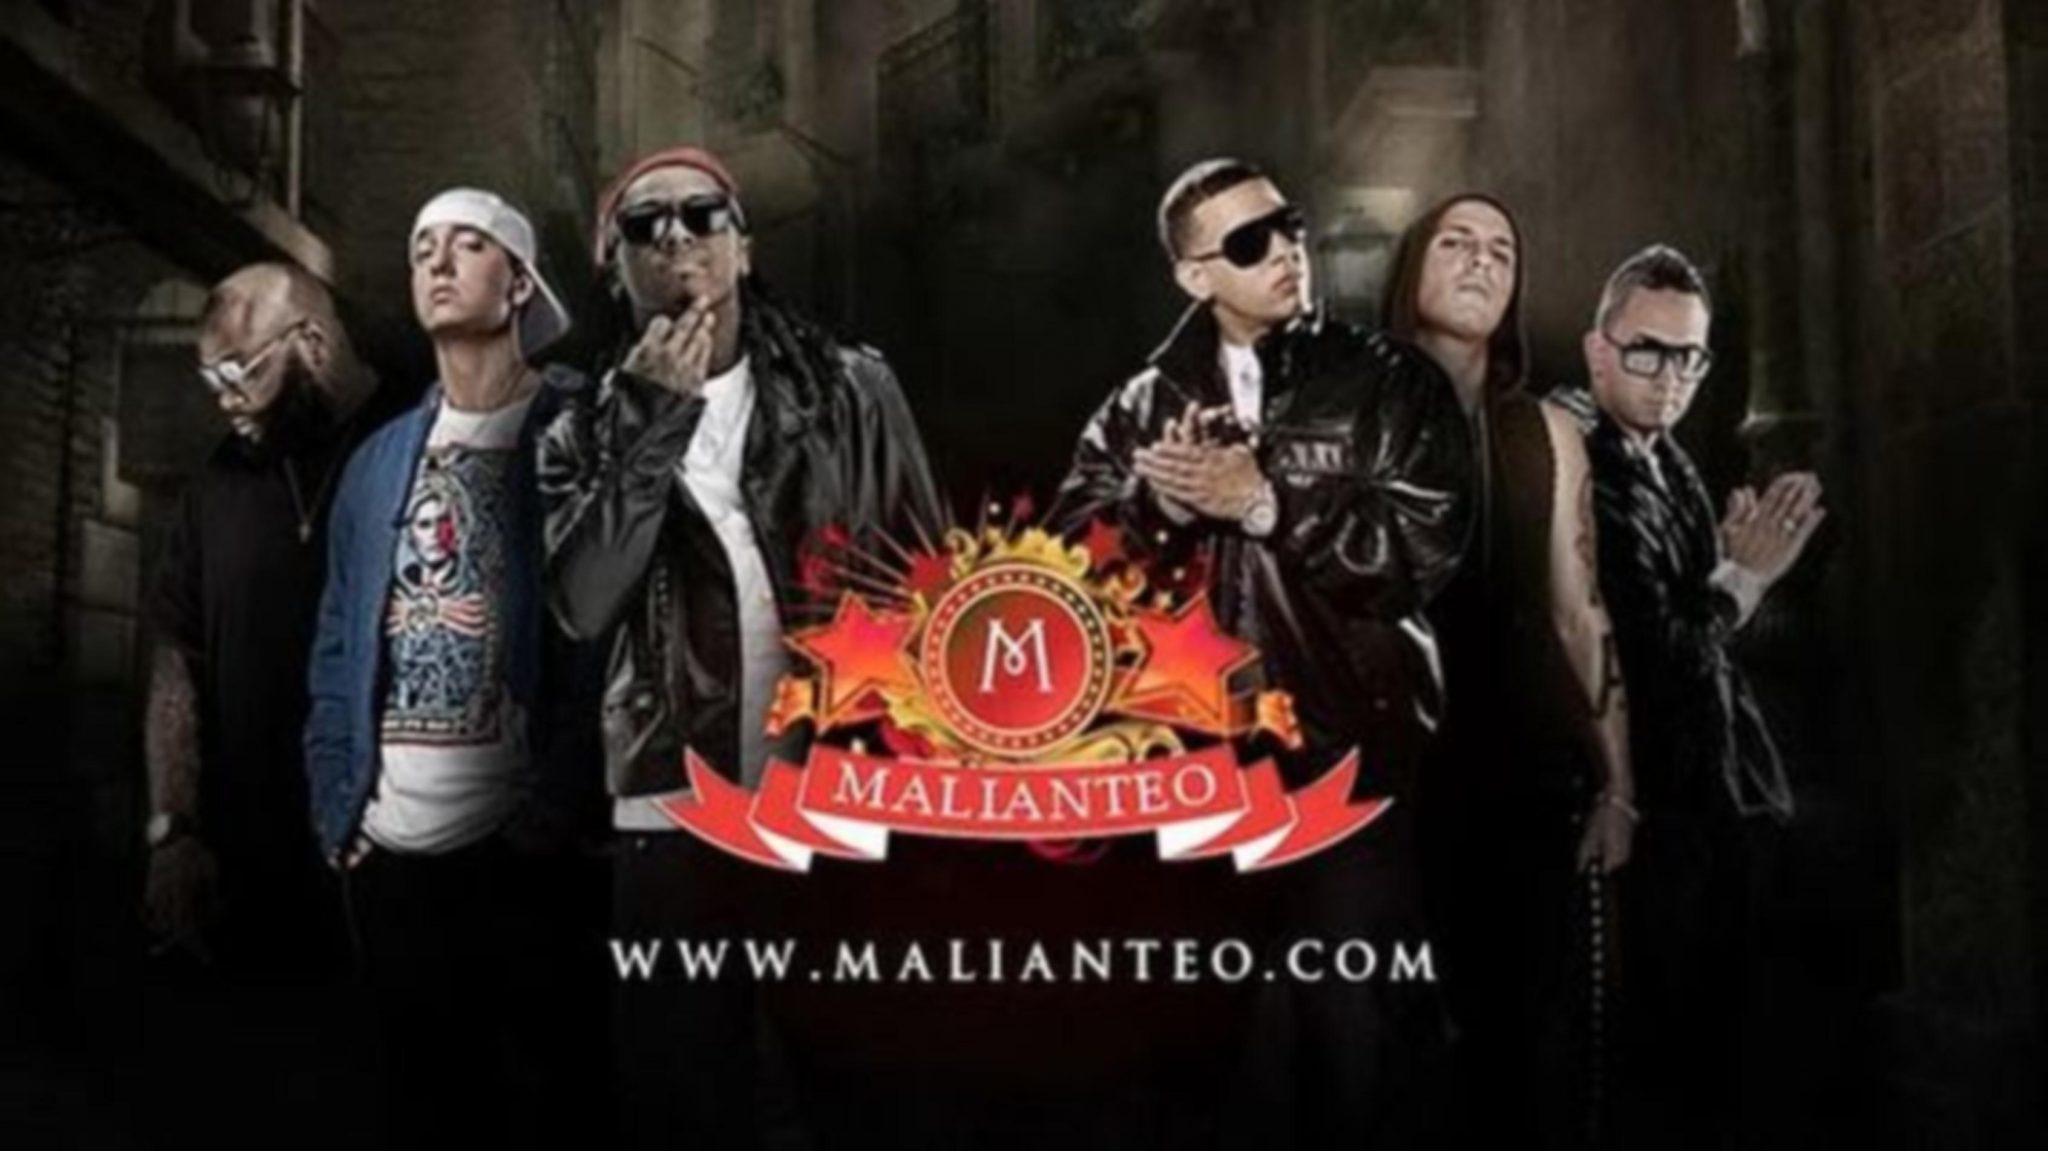 malianteo logo bspline - Musica Nueva